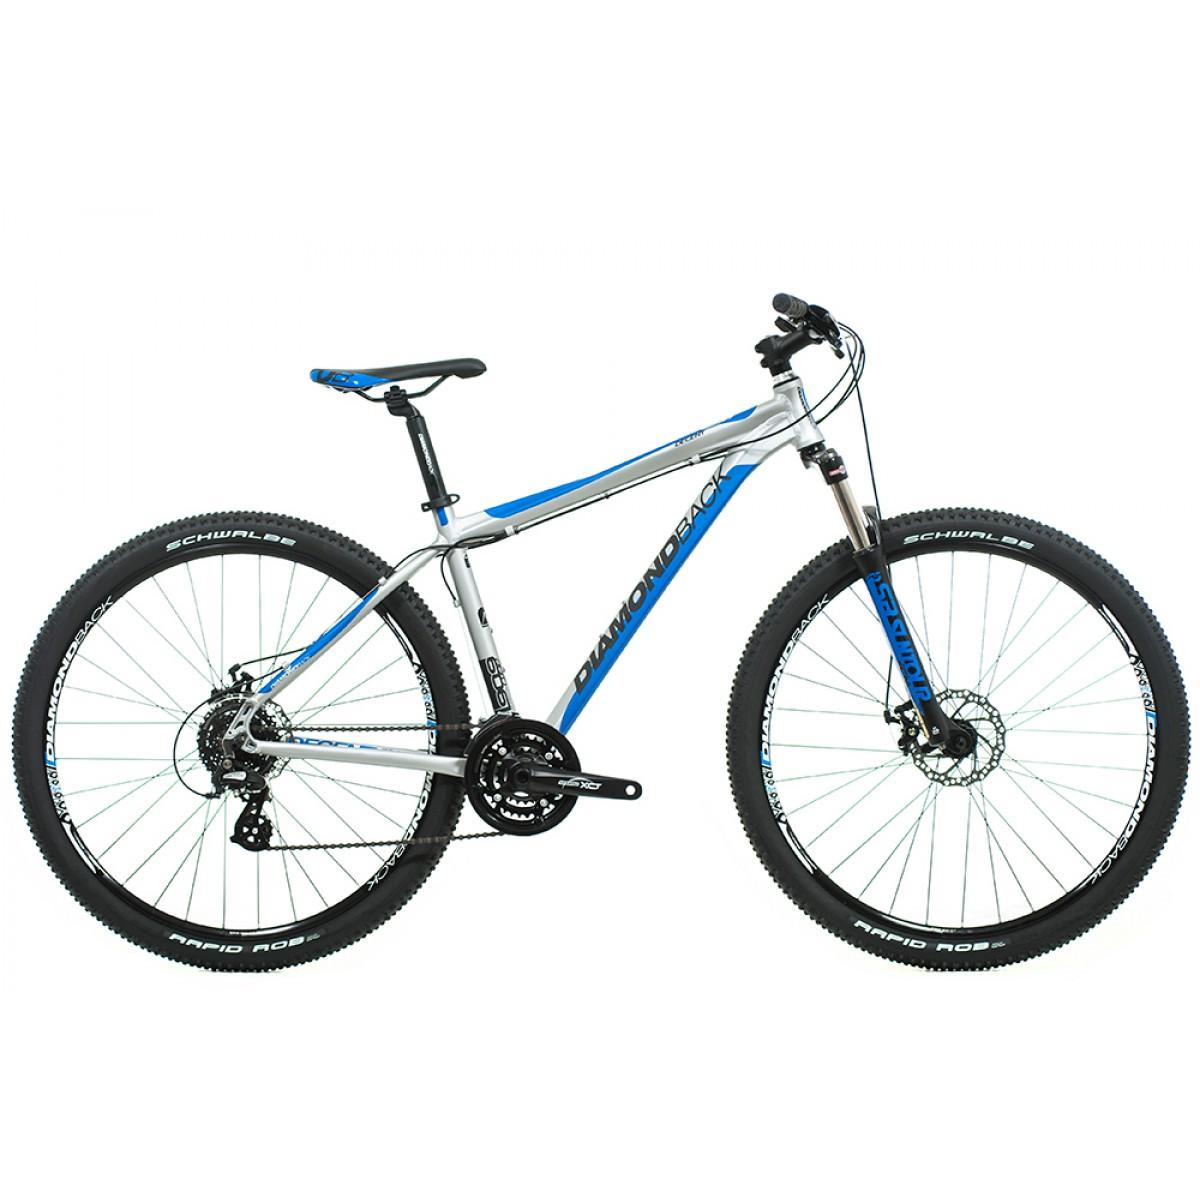 diamondback 2013 overdrive v 29er mountain bike with 29 html autos weblog. Black Bedroom Furniture Sets. Home Design Ideas